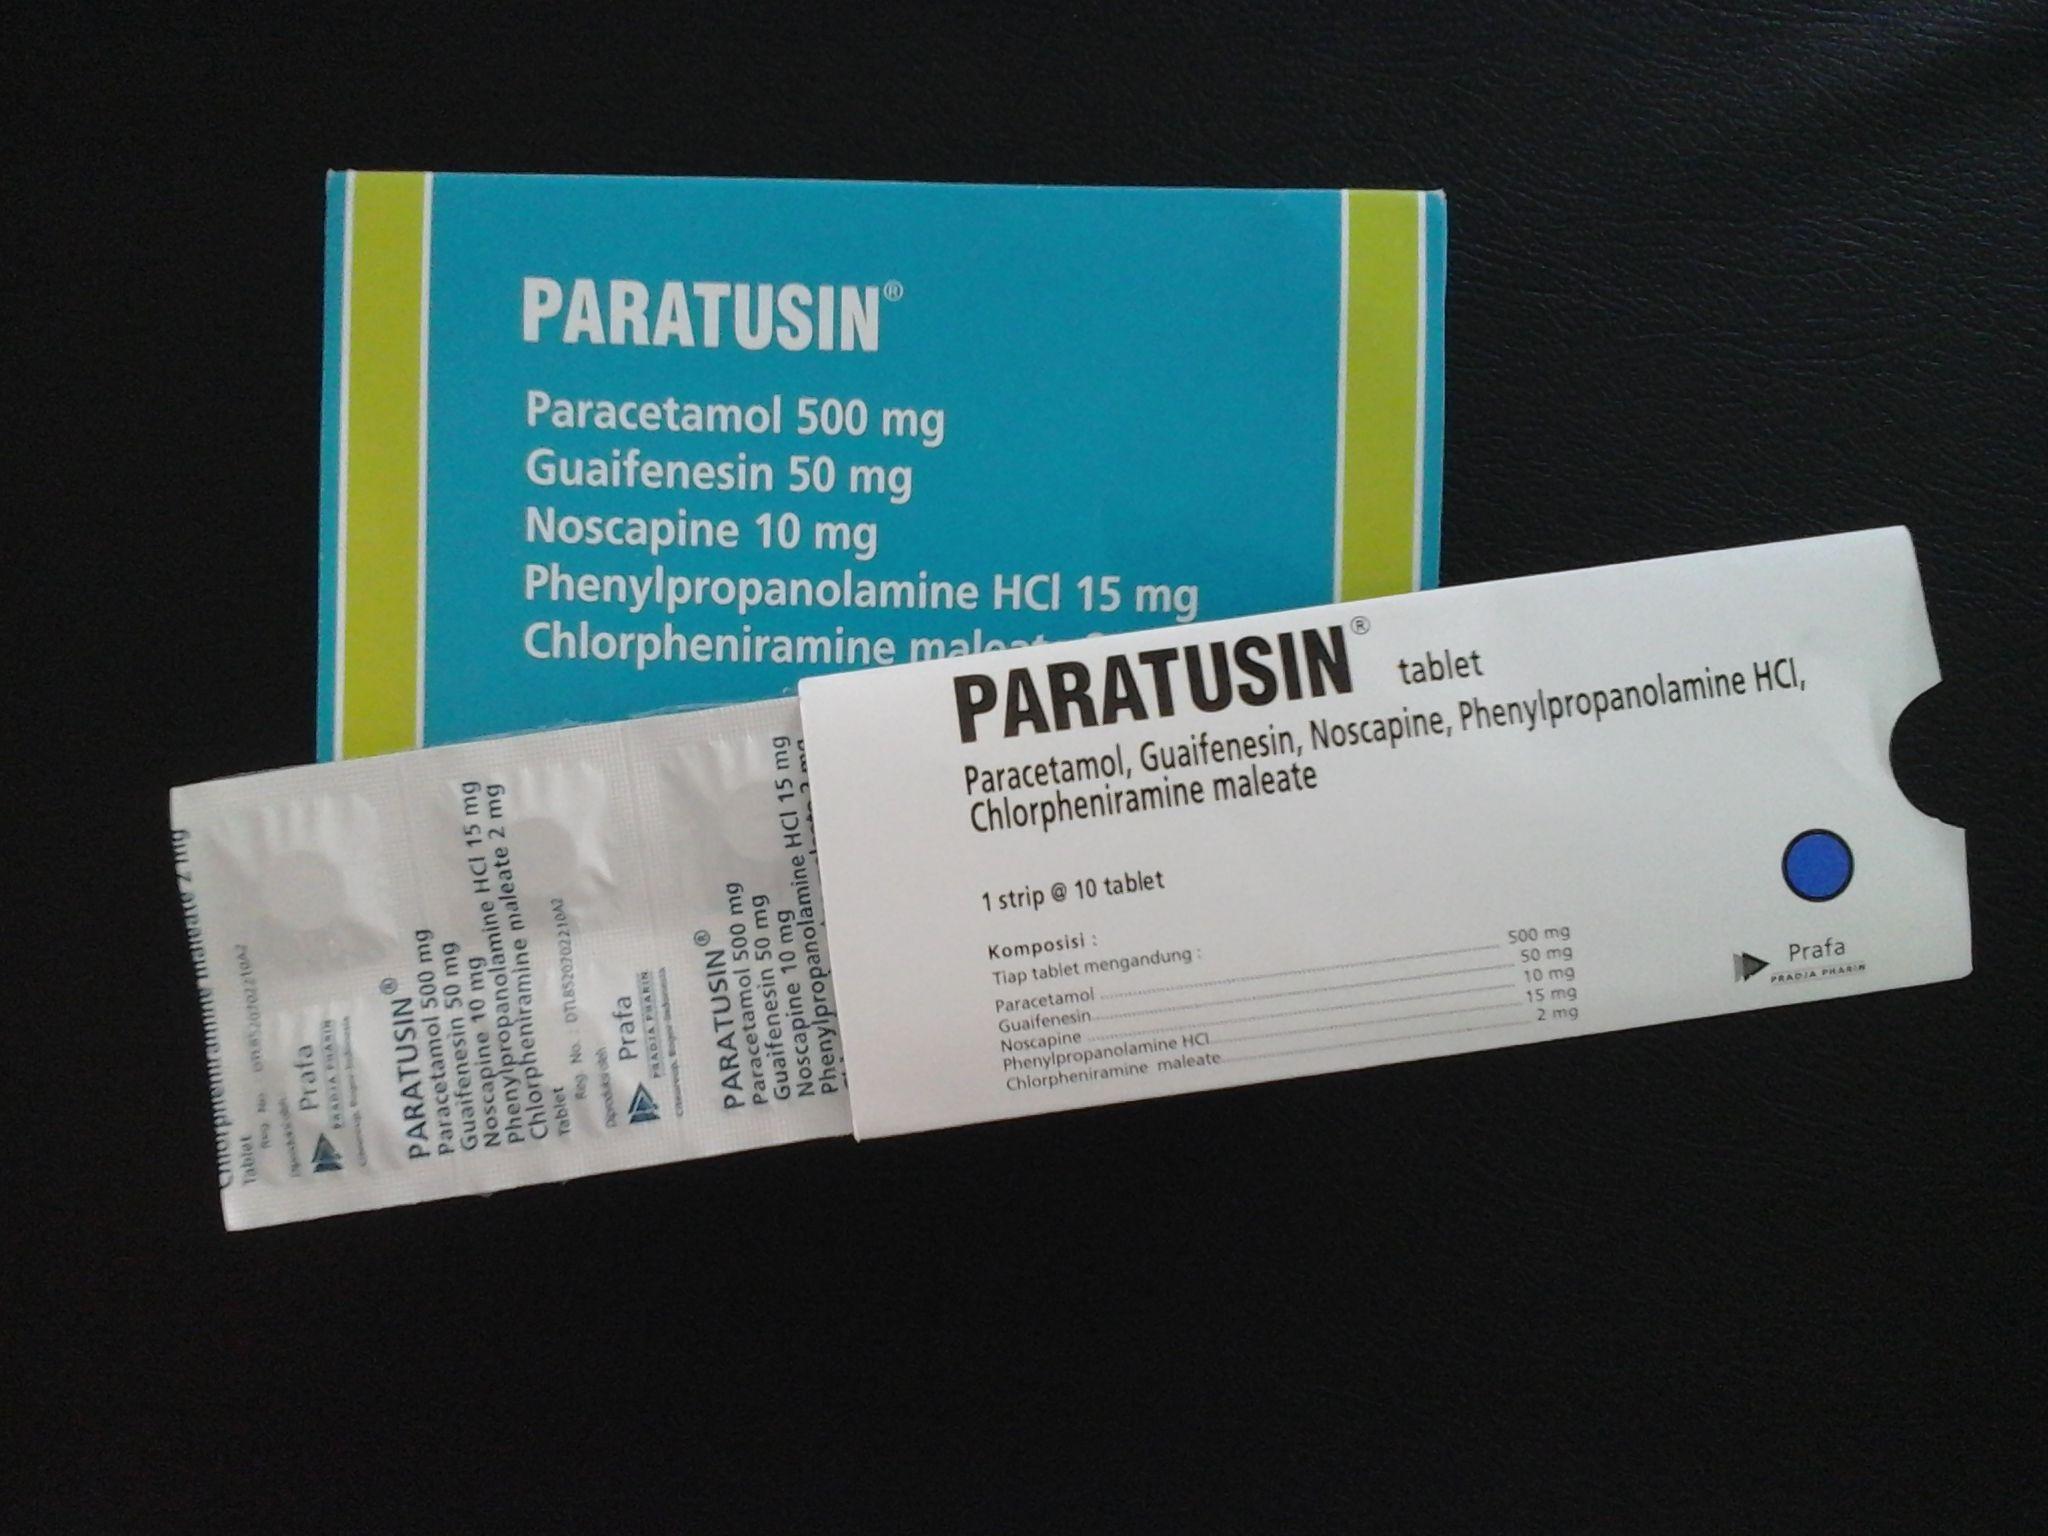 Obat Paratusin Tablet Perawatan Kesehatan